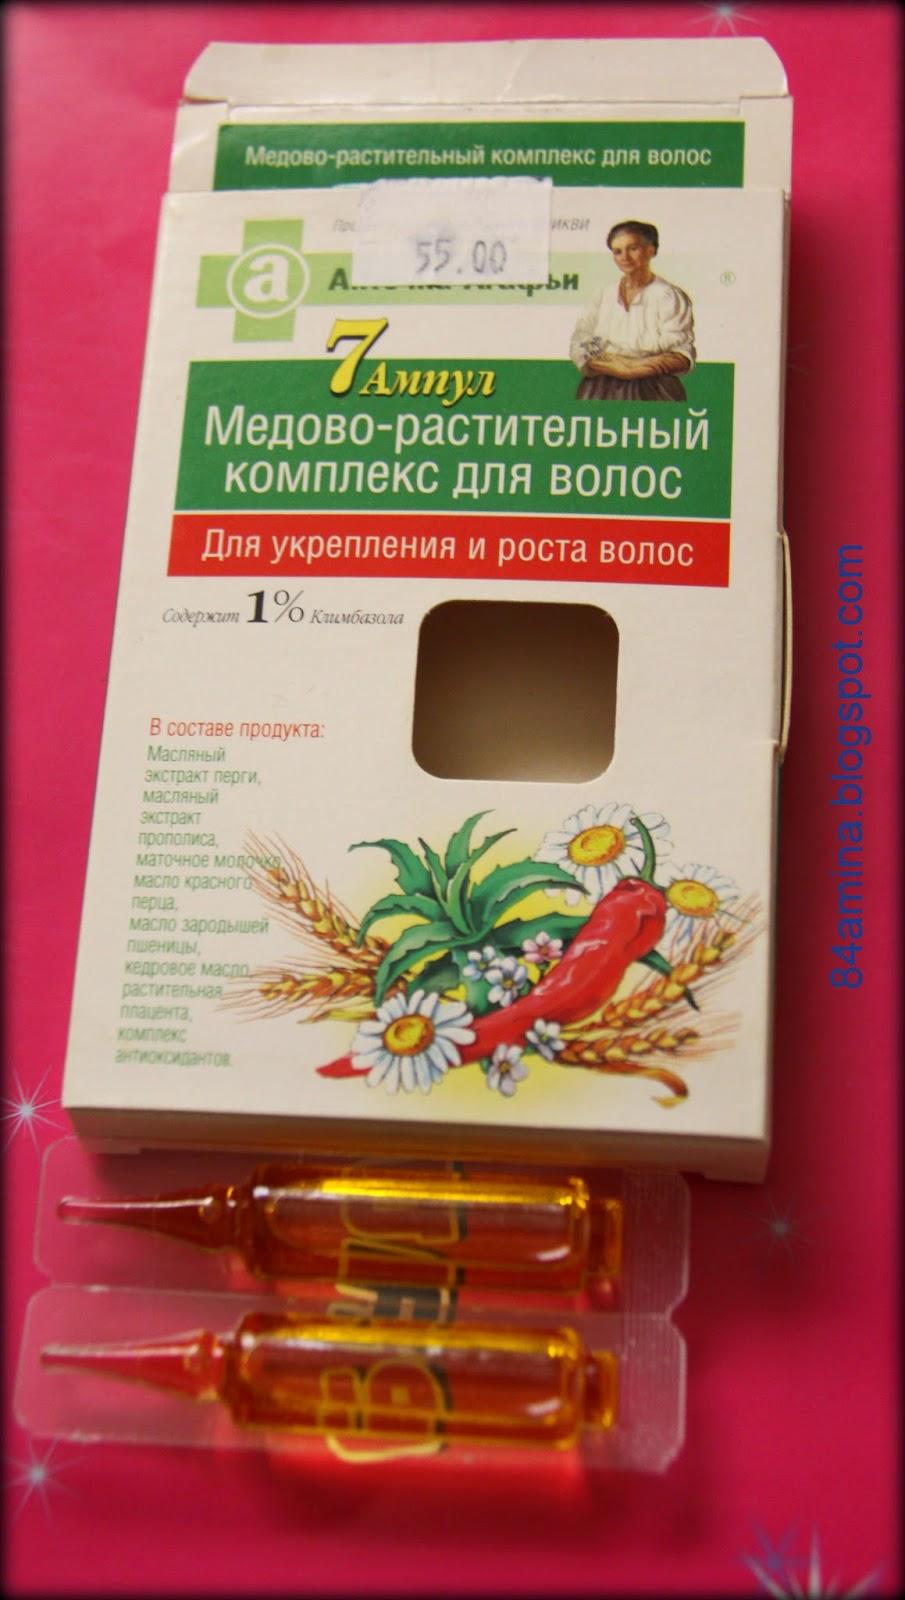 Масло для волос от бабушки агафьи отзывы в ампулах